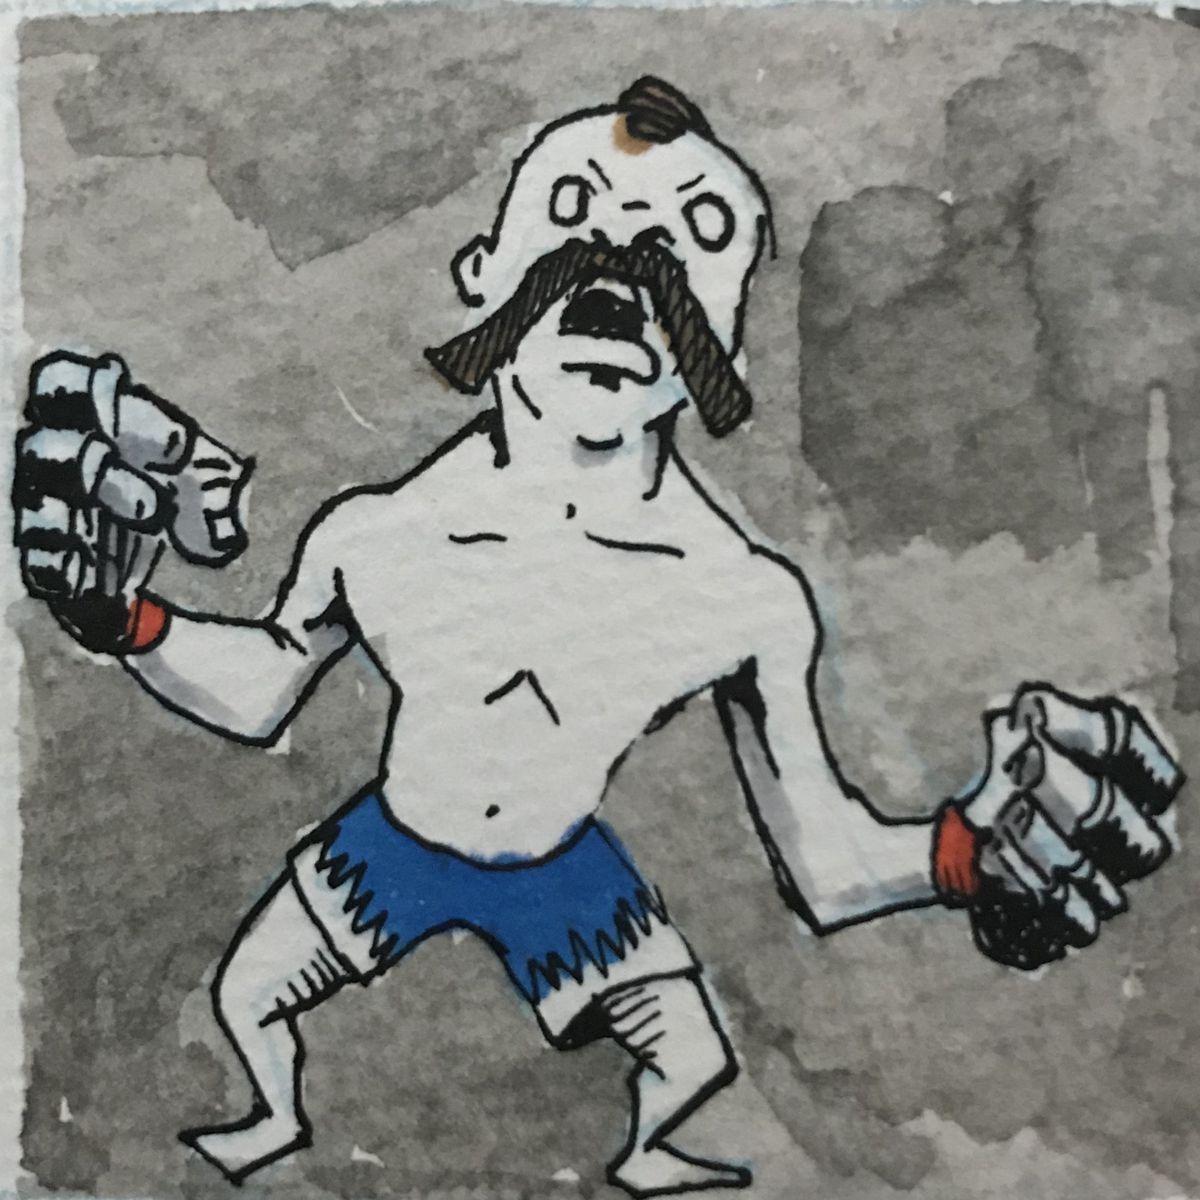 Chris Rini, MMA Squared, Edward Gorey, Gorey Alphabet, Gorey MMA, Chuck Liddell, The Iceman,